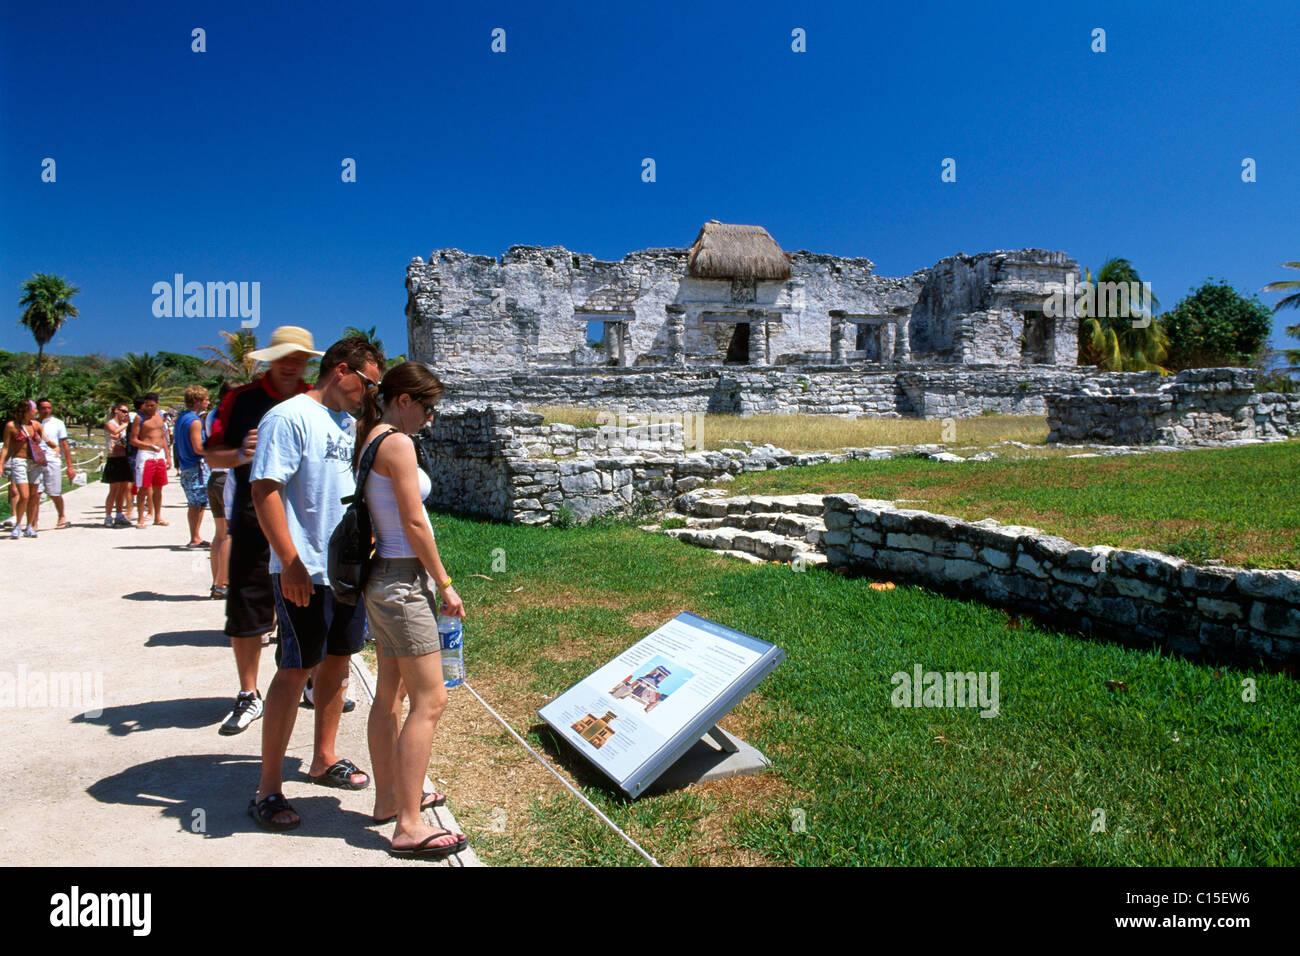 Maya or Mayan temple ruins, Tulum, Riviera Maya, Mayan Riviera, Yucatan, Mexico - Stock Image